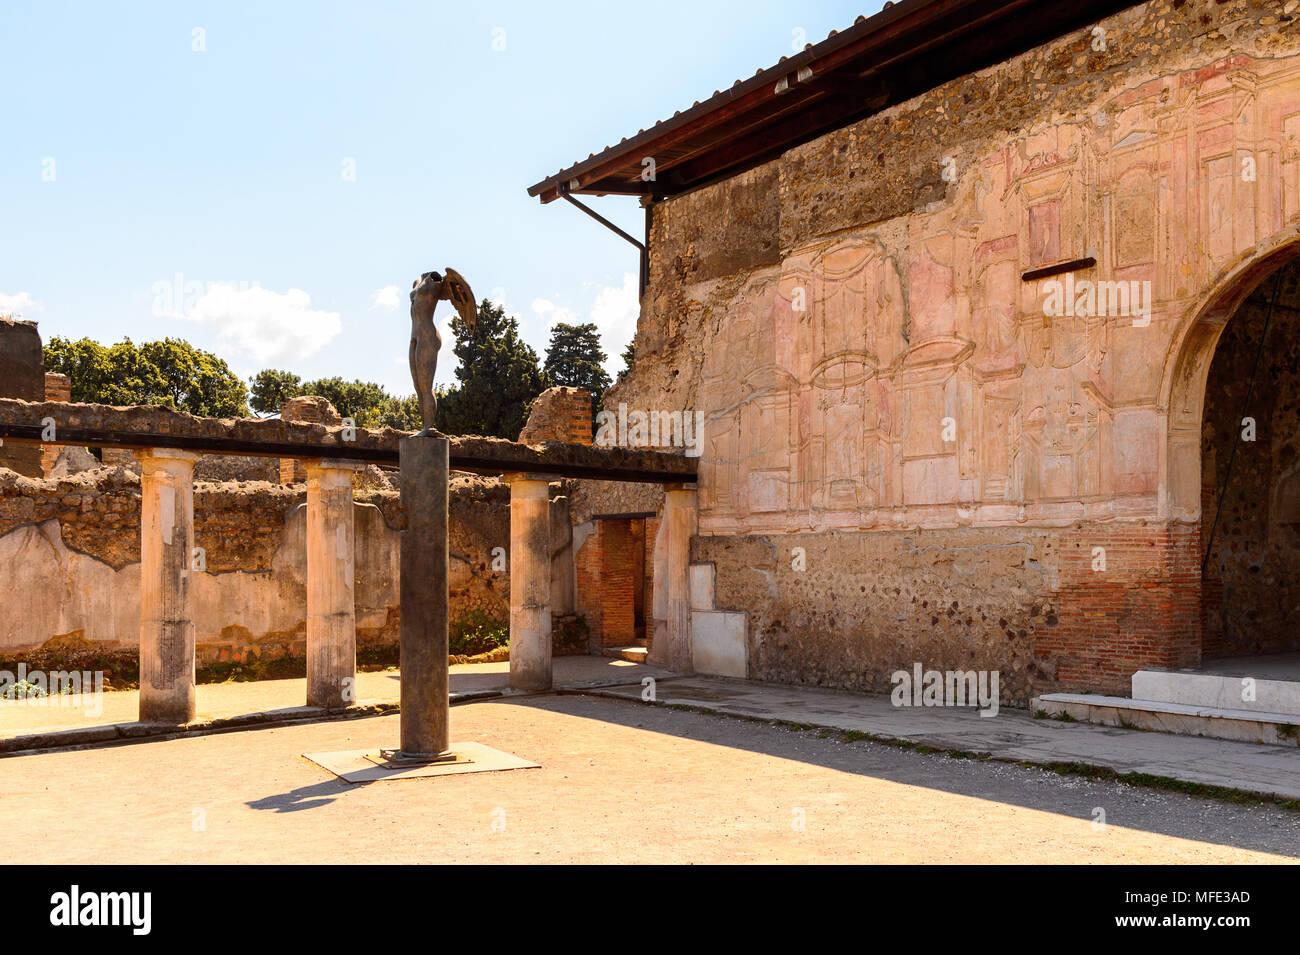 Pompei, antica città romana distrutta dal vulcano Vesuvio. Patrimonio mondiale dell UNESCO Immagini Stock